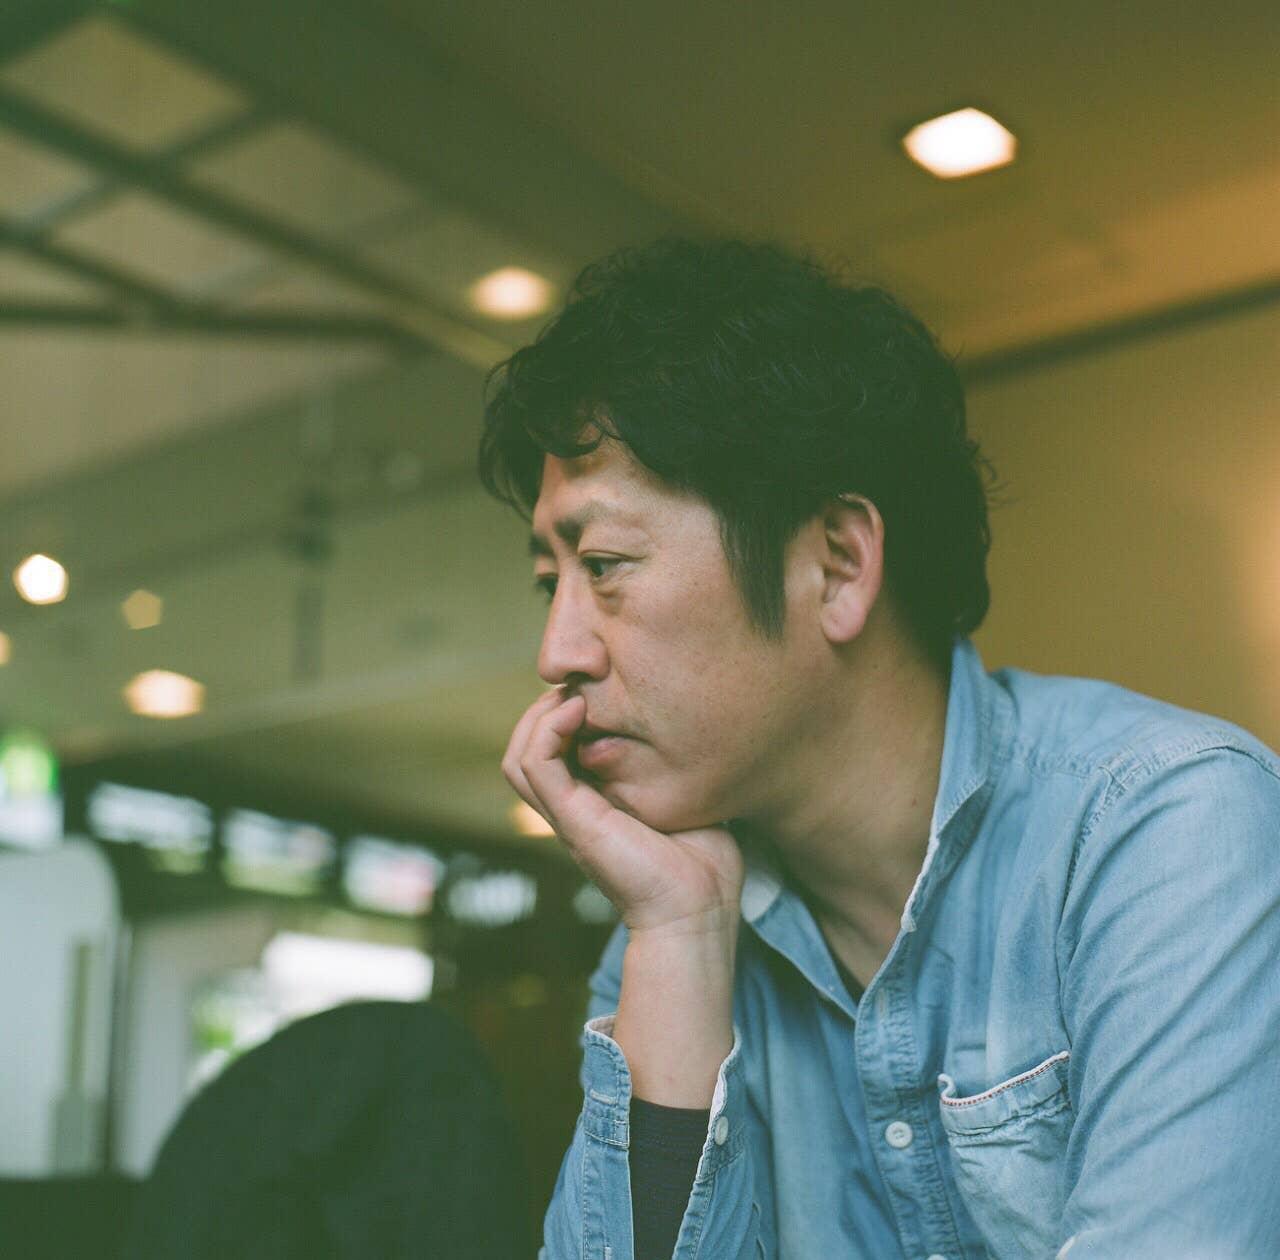 Suguru Nagao